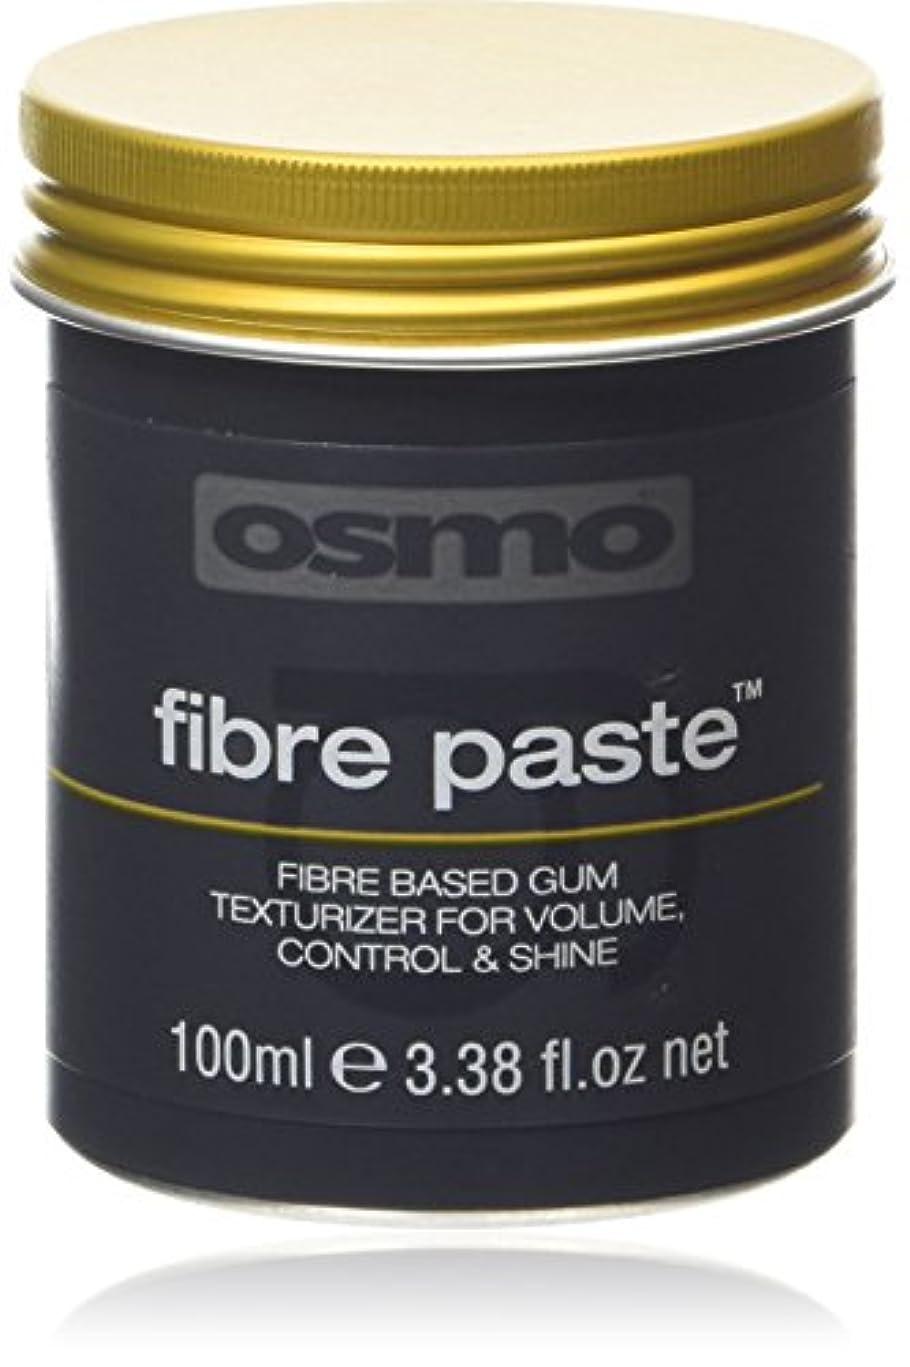 ジェム意味のある振りかけるアレス OSMO グルーミングヘアワックス ファイバーペースト 100ml